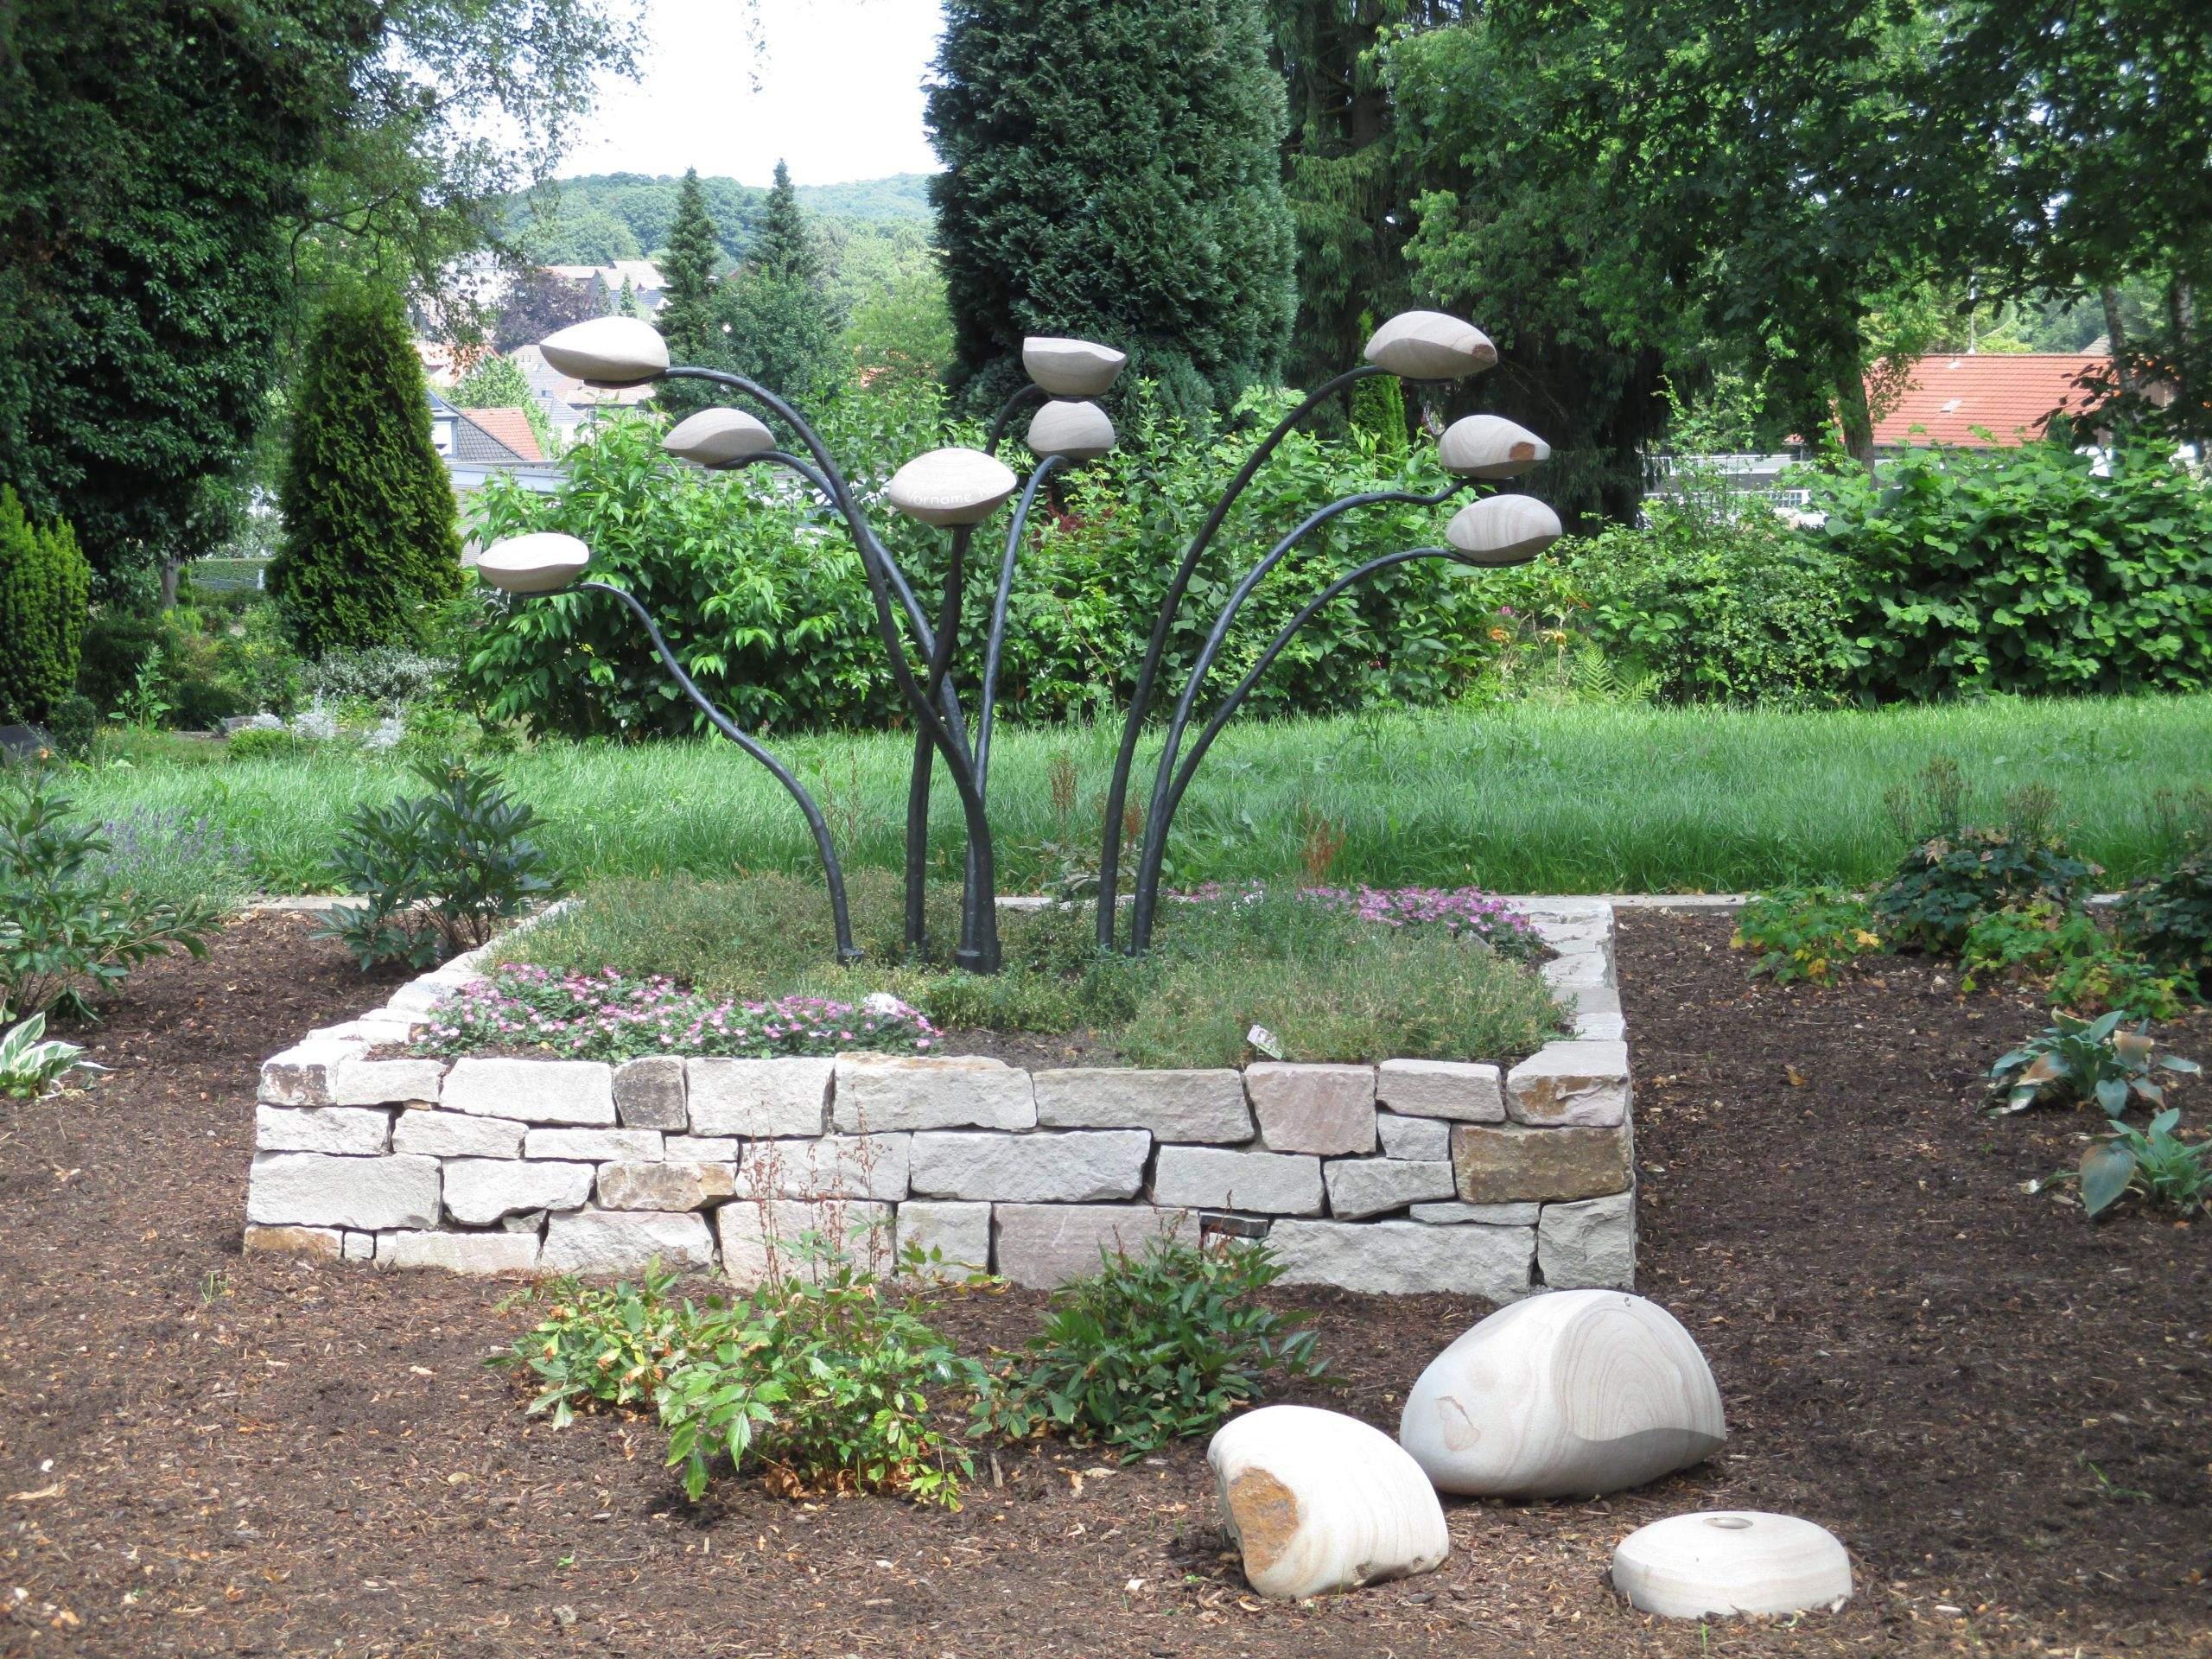 Granittisch Garten Elegant 28 Inspirierend asia Garten Zumwalde Luxus